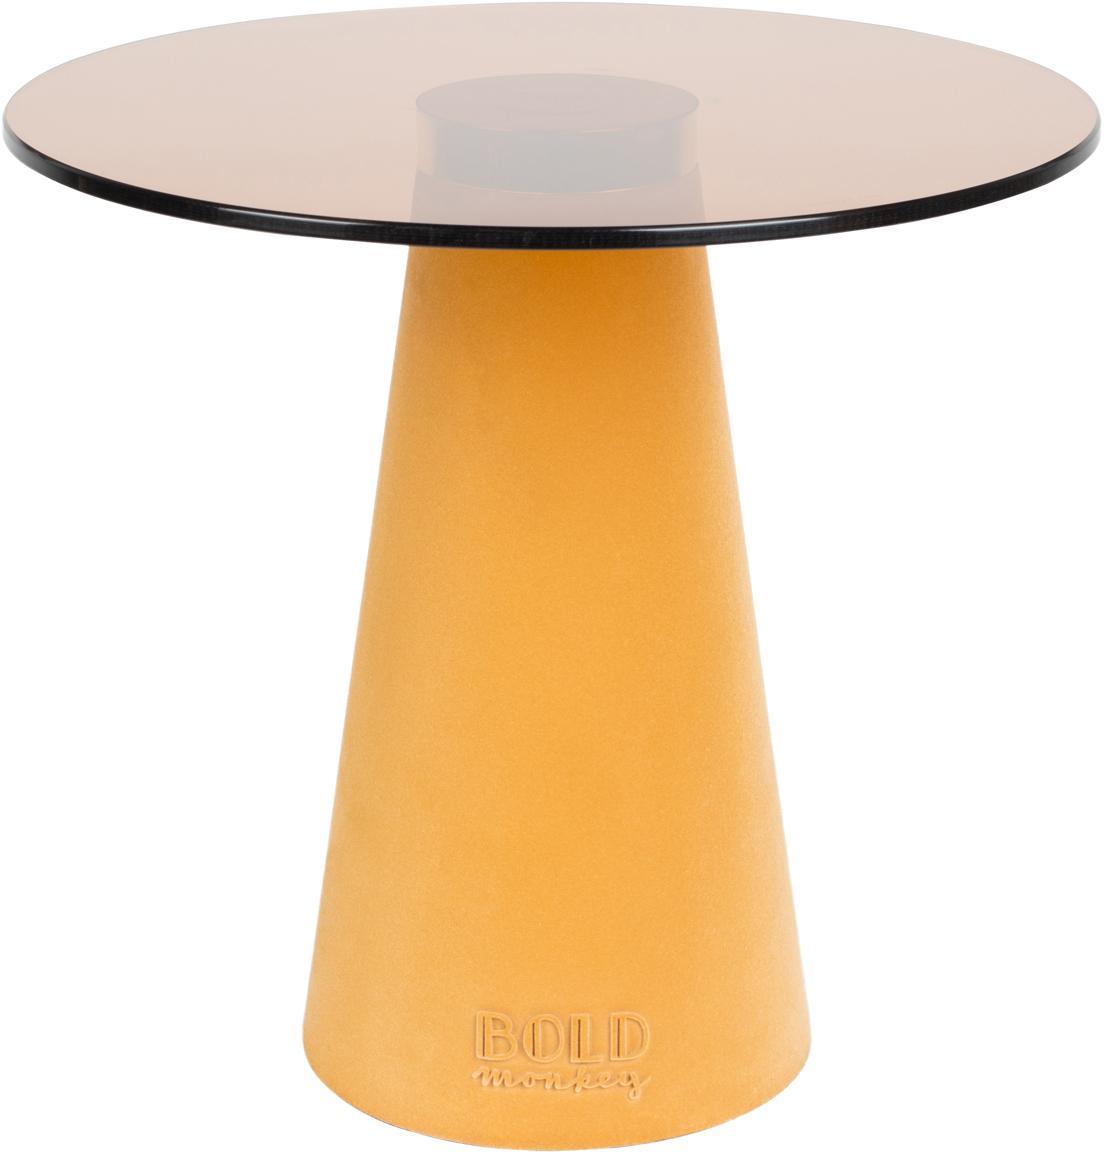 Beistelltisch Leader Of The Fanclub mit Glasplatte, Tischplatte: Hartglas, Fuß: Polyresin, beschichtet, A, Gelb, Ø 40 x H 39 cm